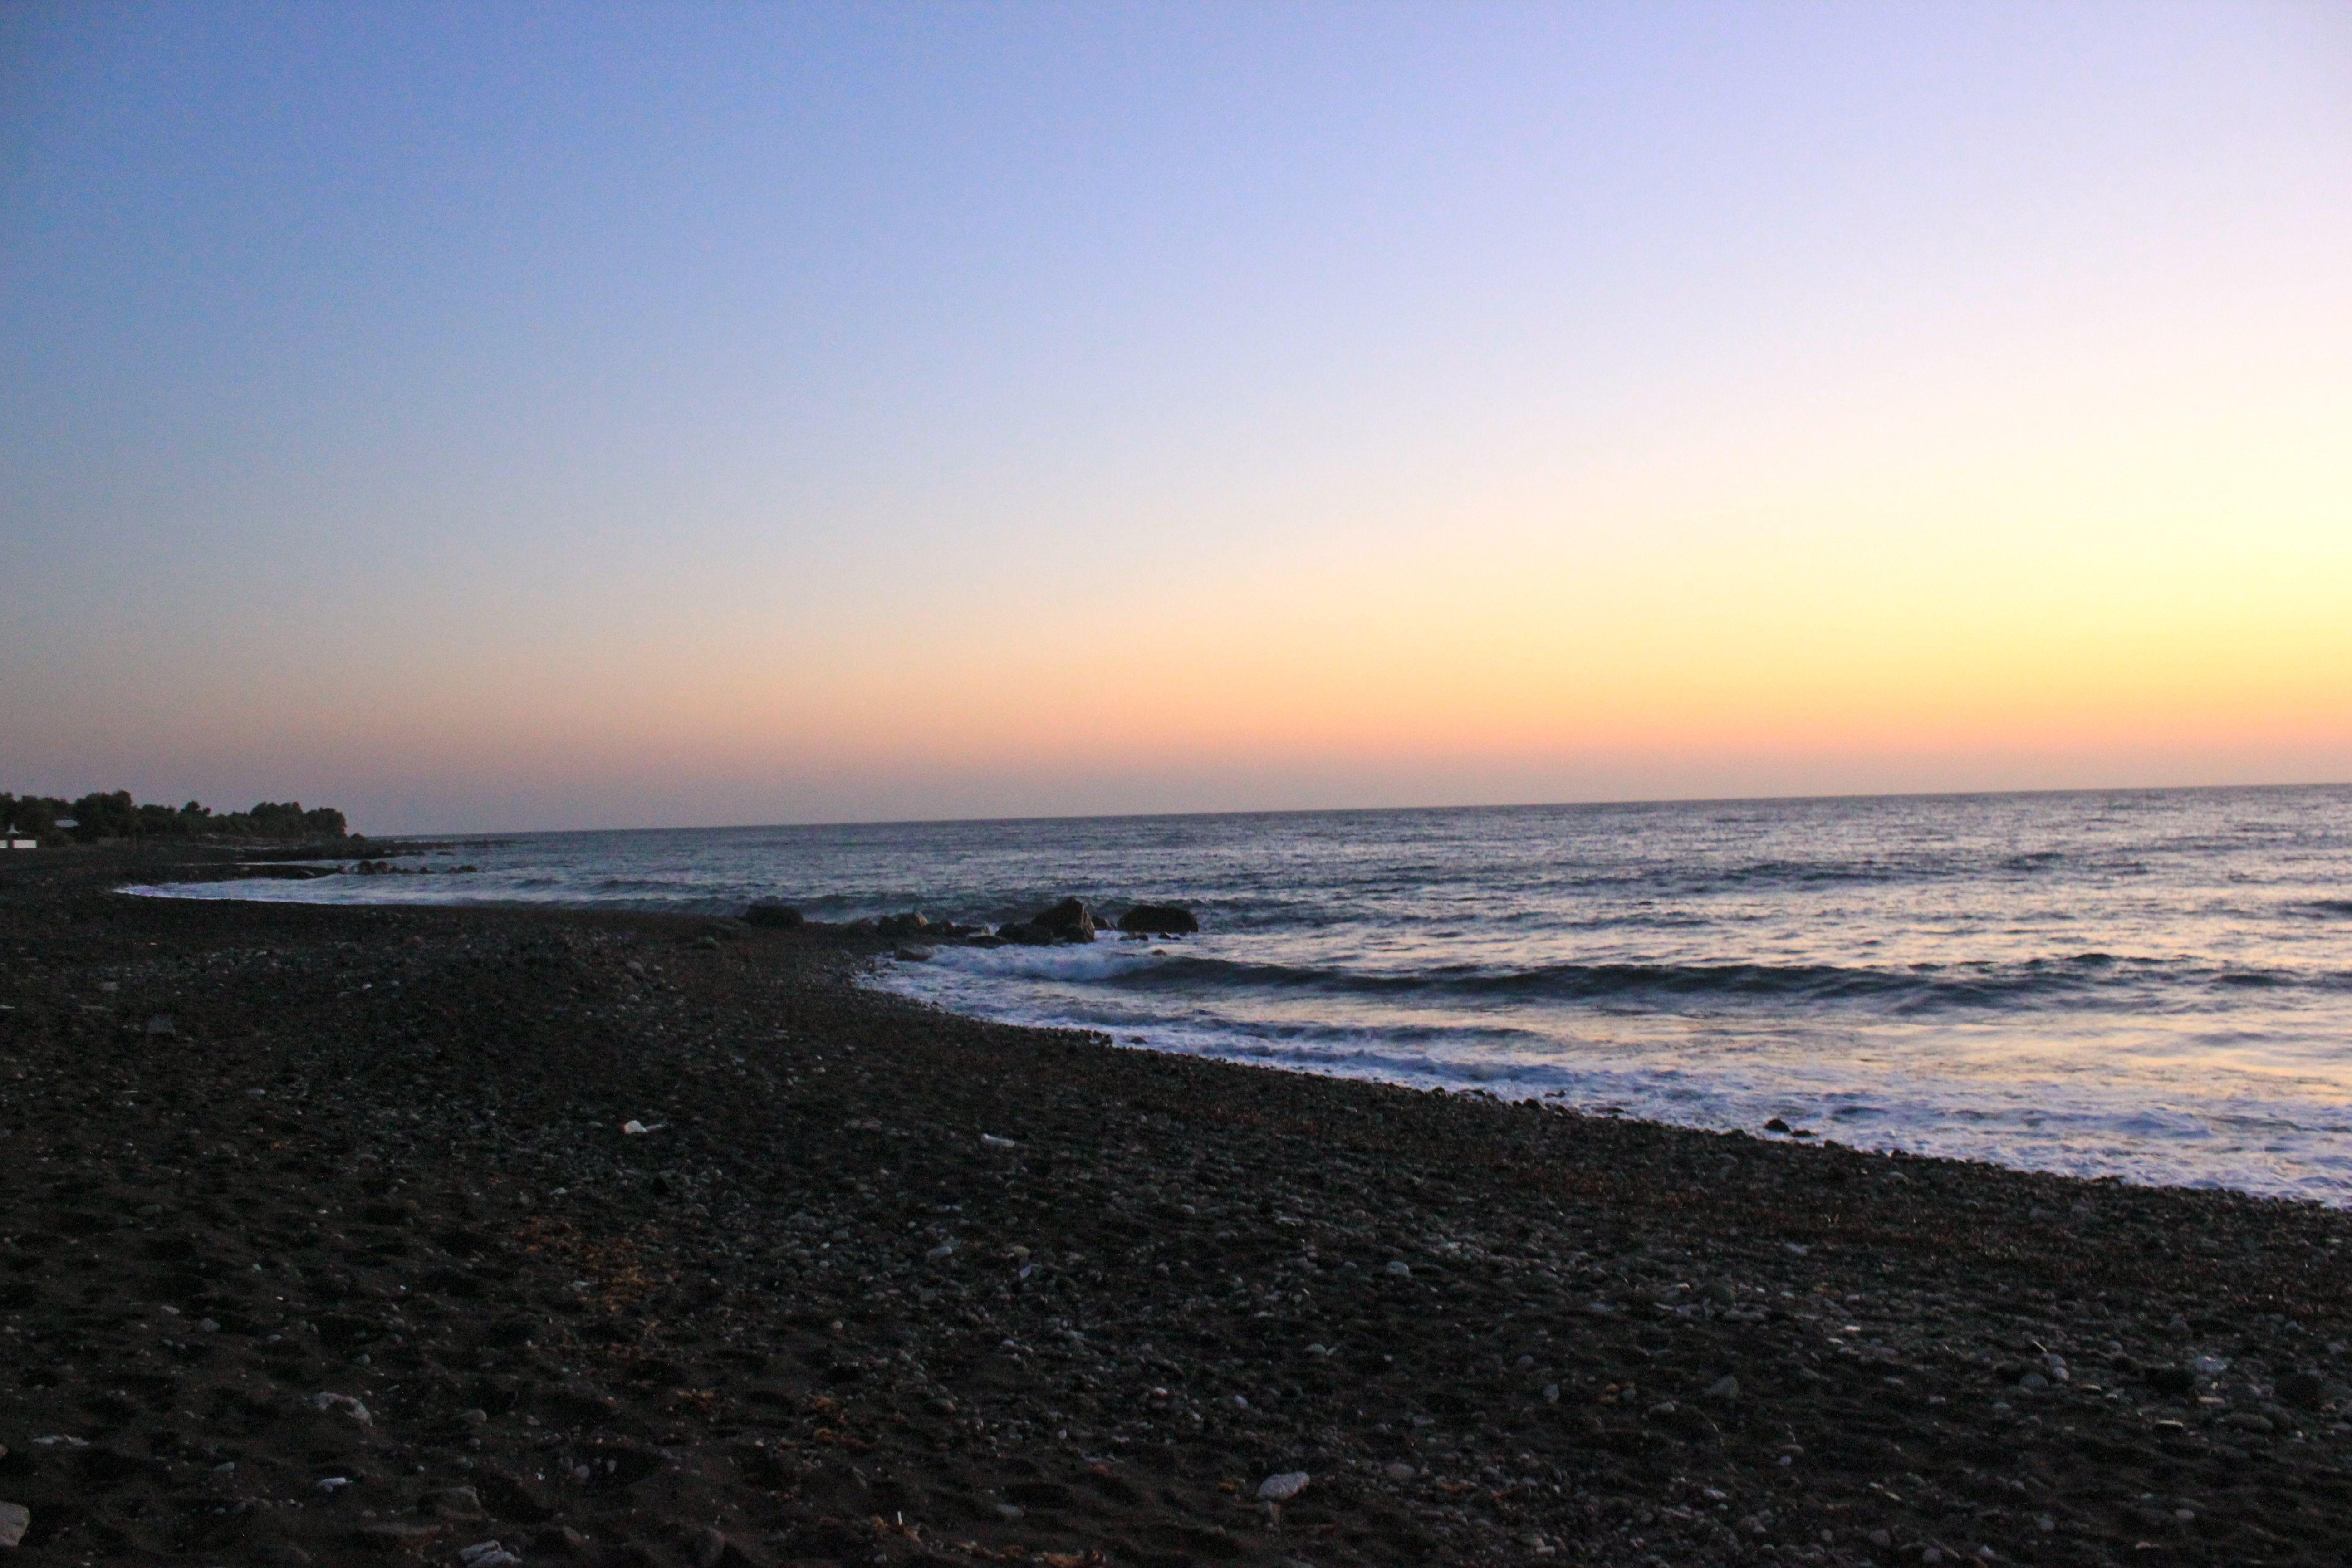 dawn at Kamari Beach, Santorini, Greece